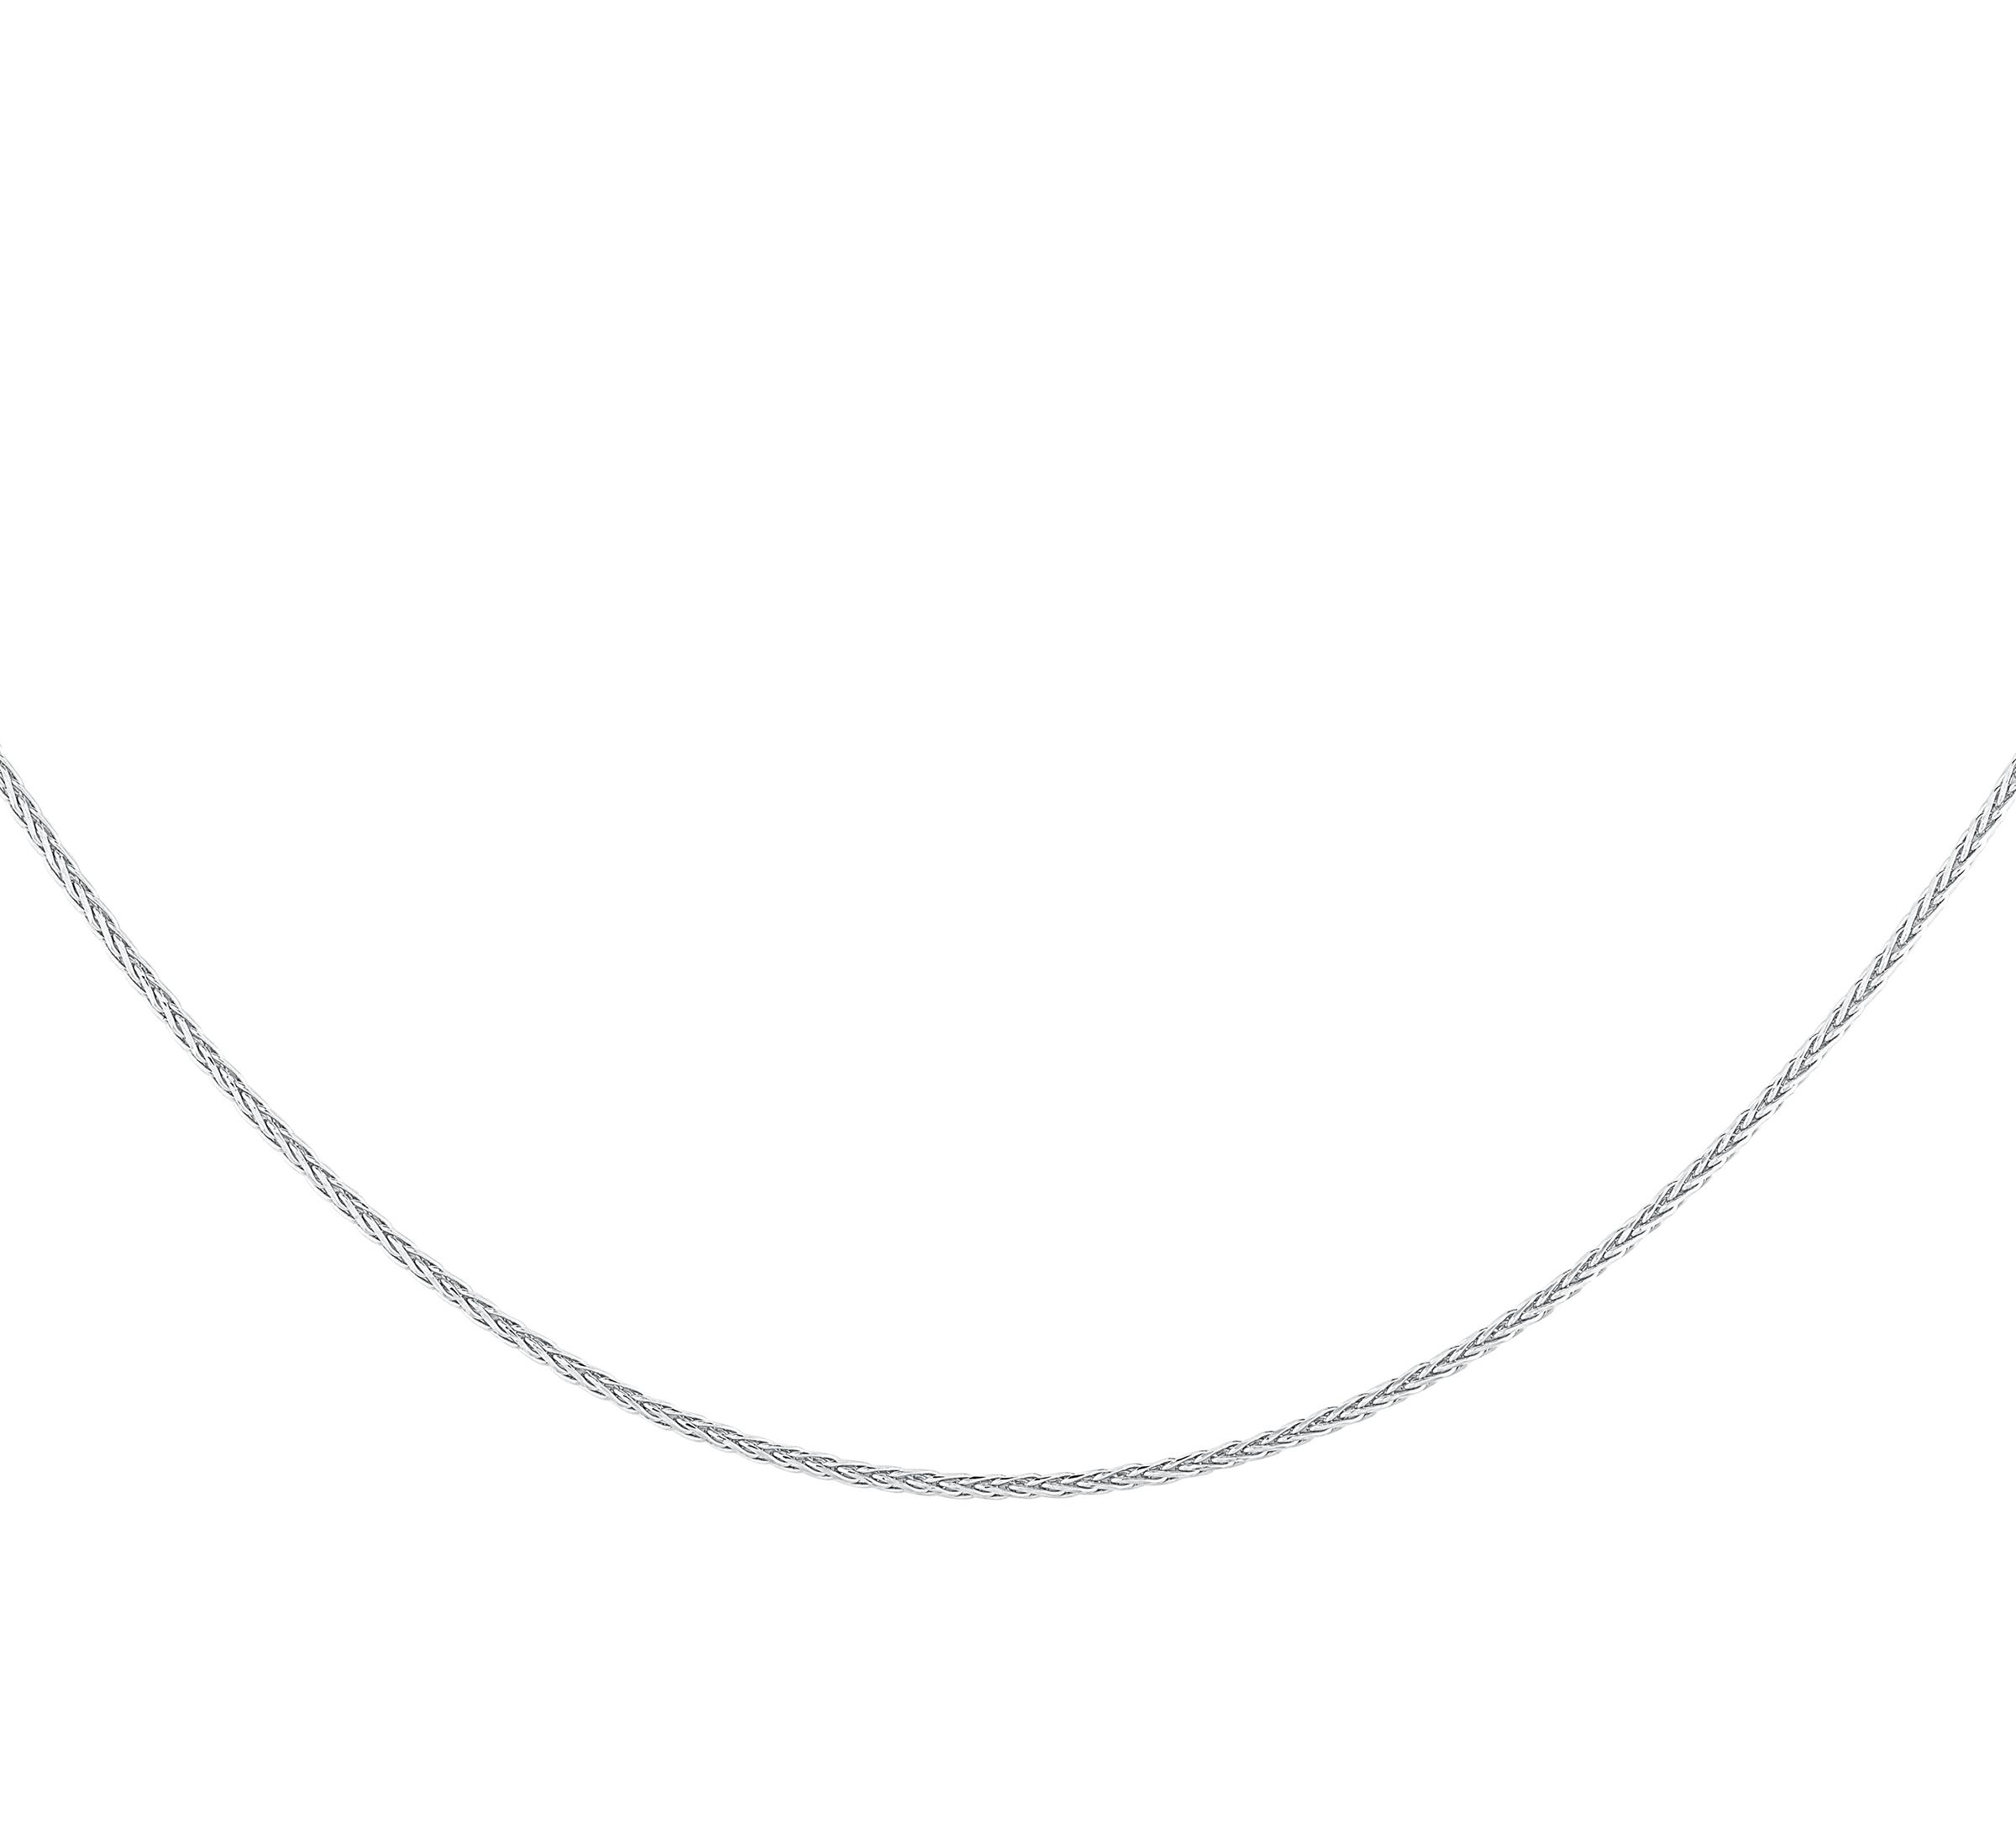 Chaîne 24'' - Argent sterling avec fini  plaqué rhodium